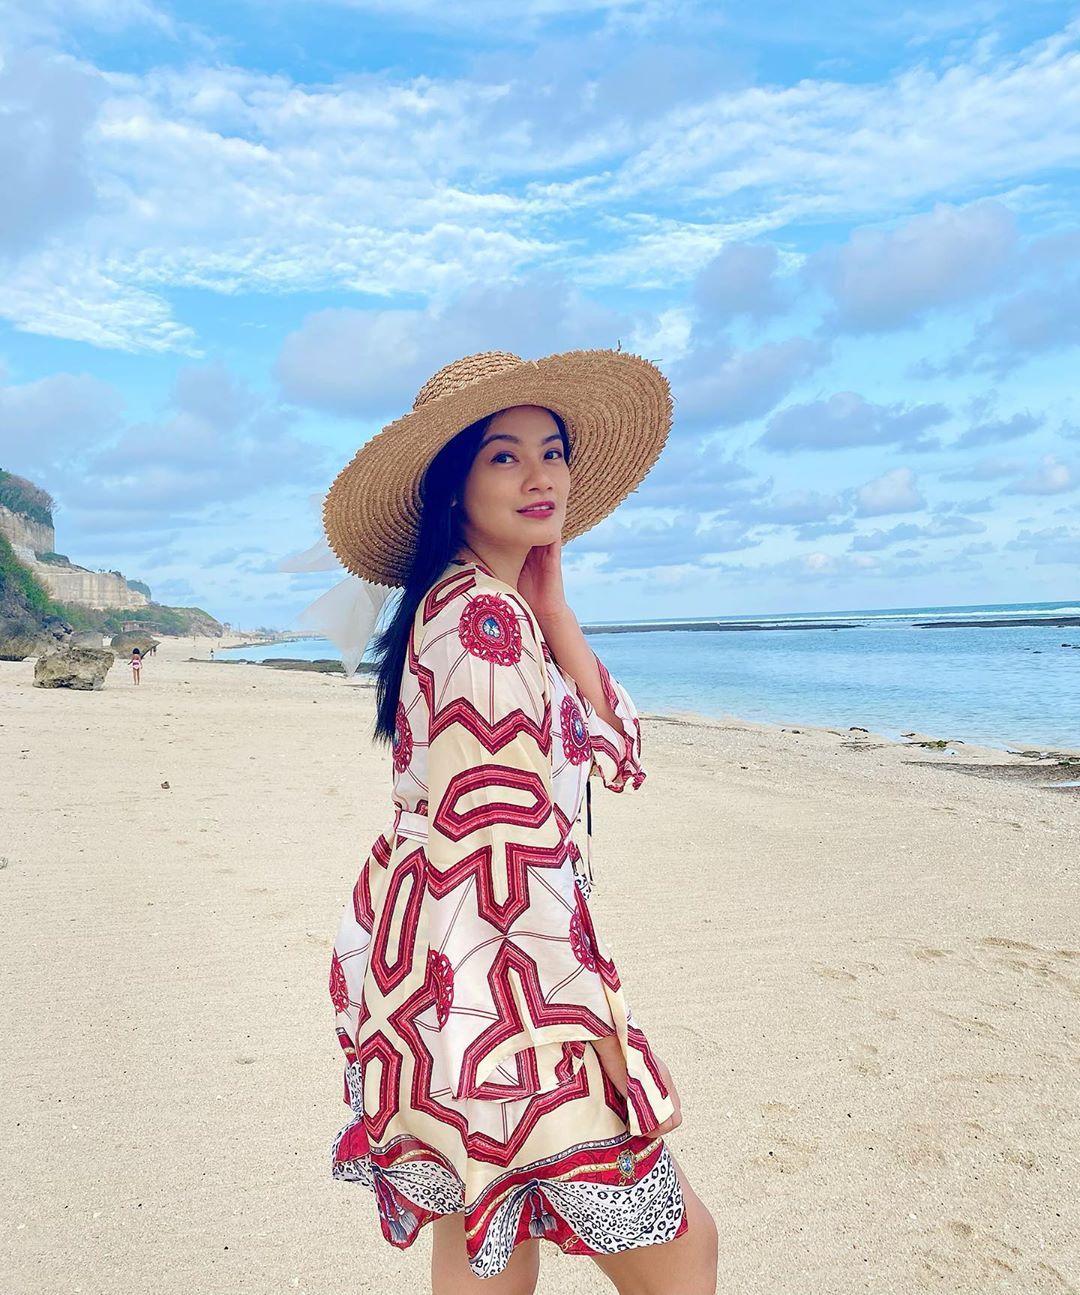 Menikmati pantai yang sepi, pasir pantai yang lembut, pemandangan laut yang indah menjadi aktivitas menyenangkan Titi Kamal